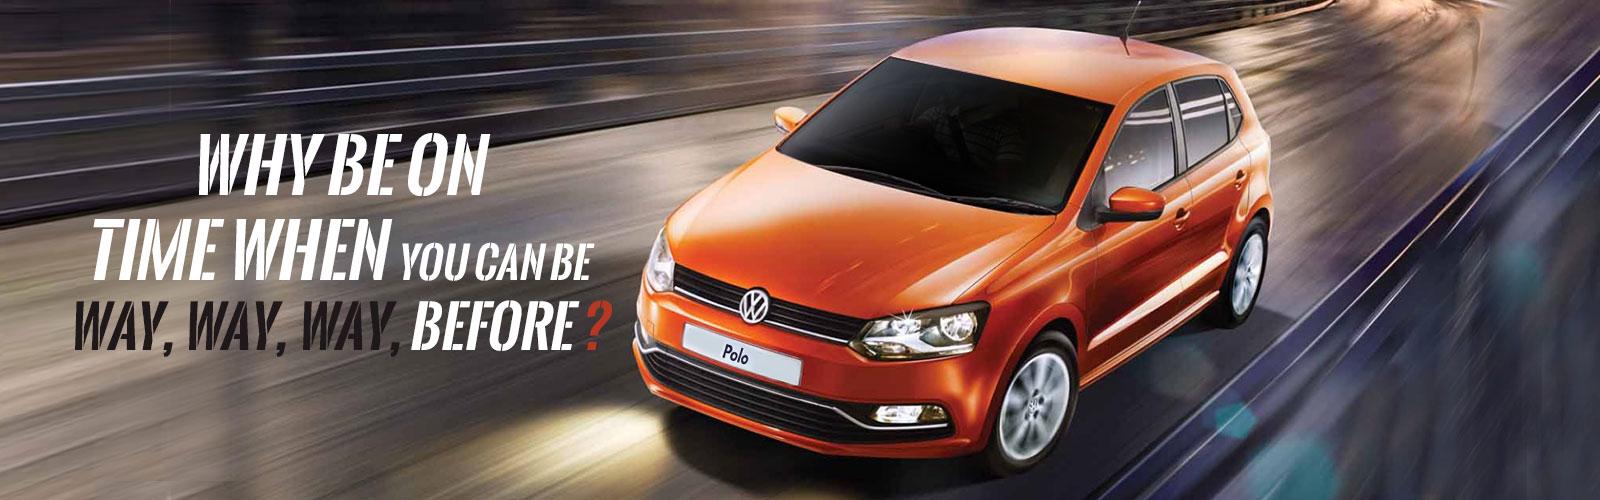 Volkswagen Dealers And Showrooms In Visakhapatnam Goa